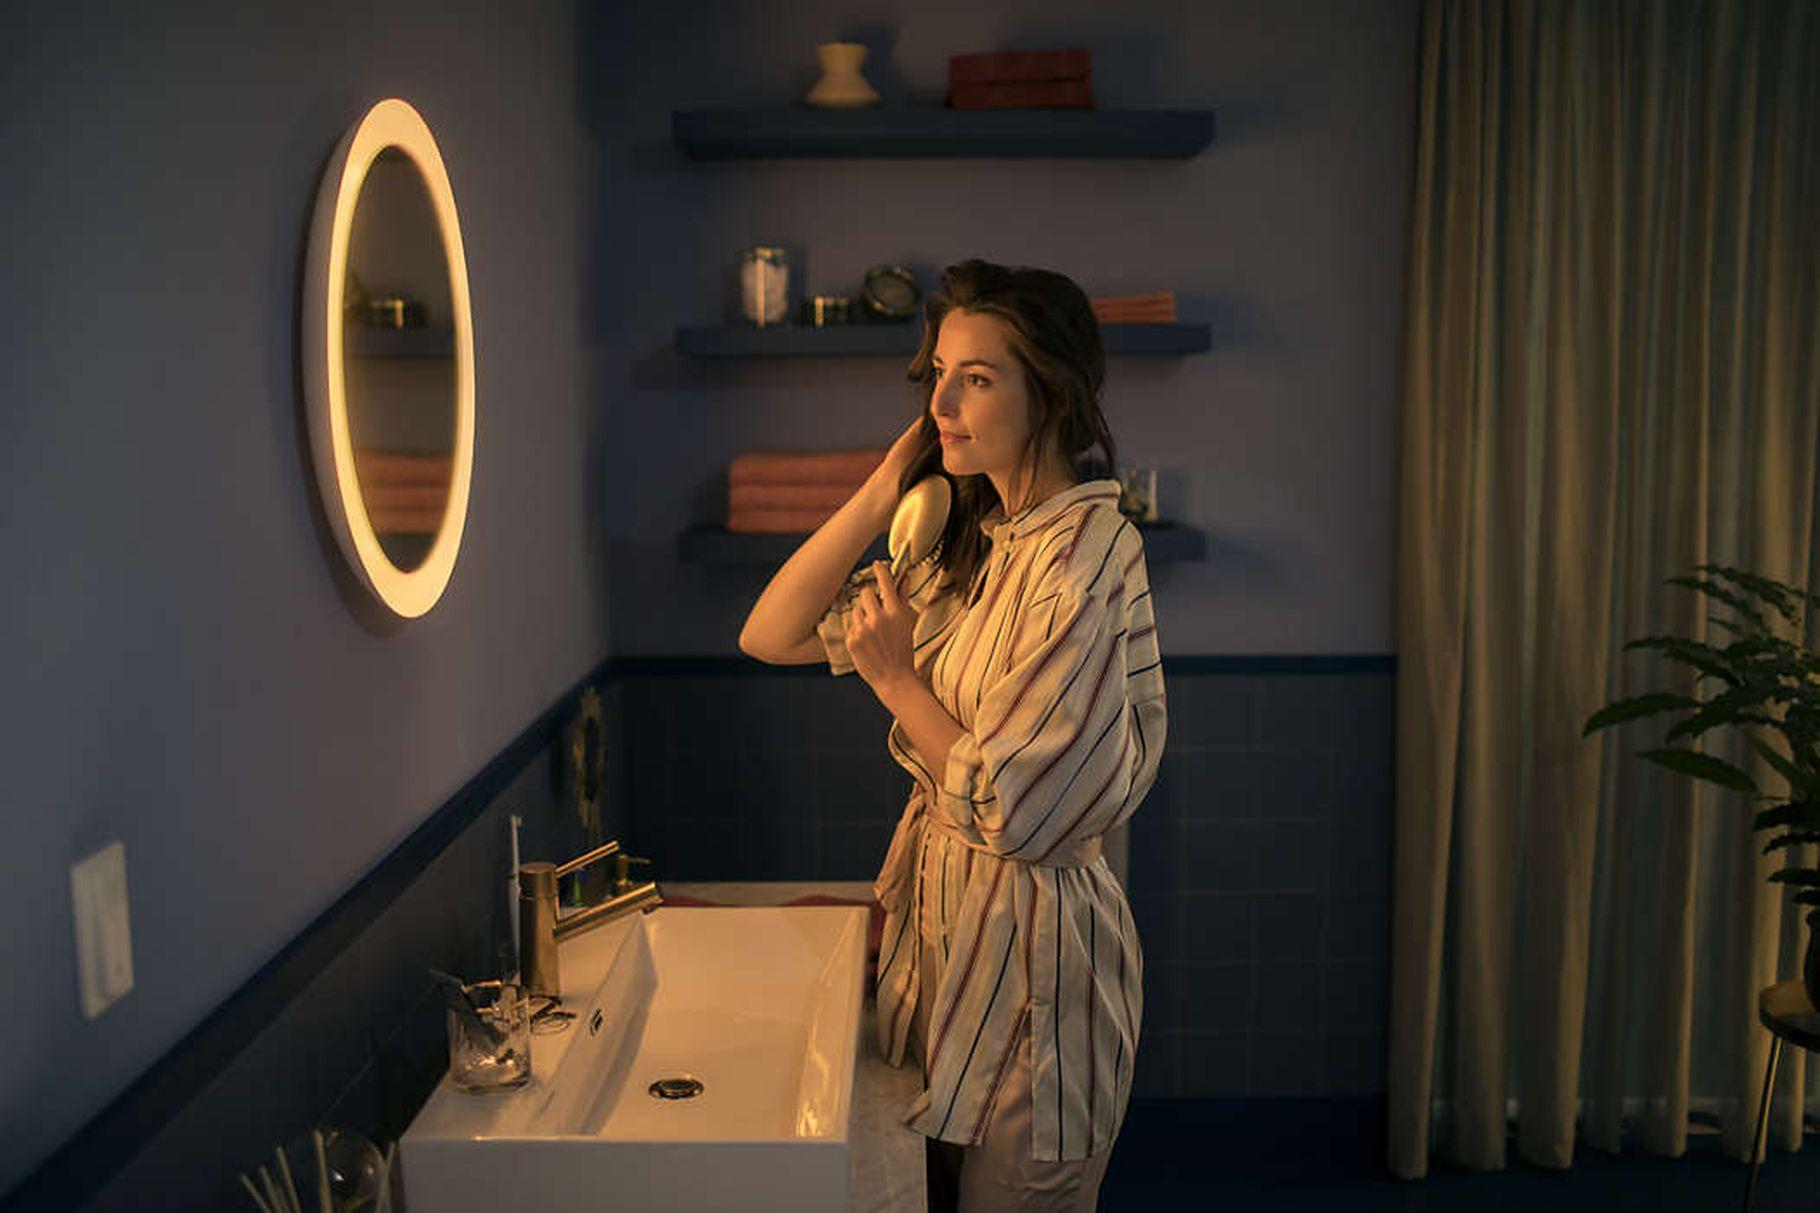 La gamme de lampes connectées Hue de Philips s'enrichit d'un miroir de salle de bain 1